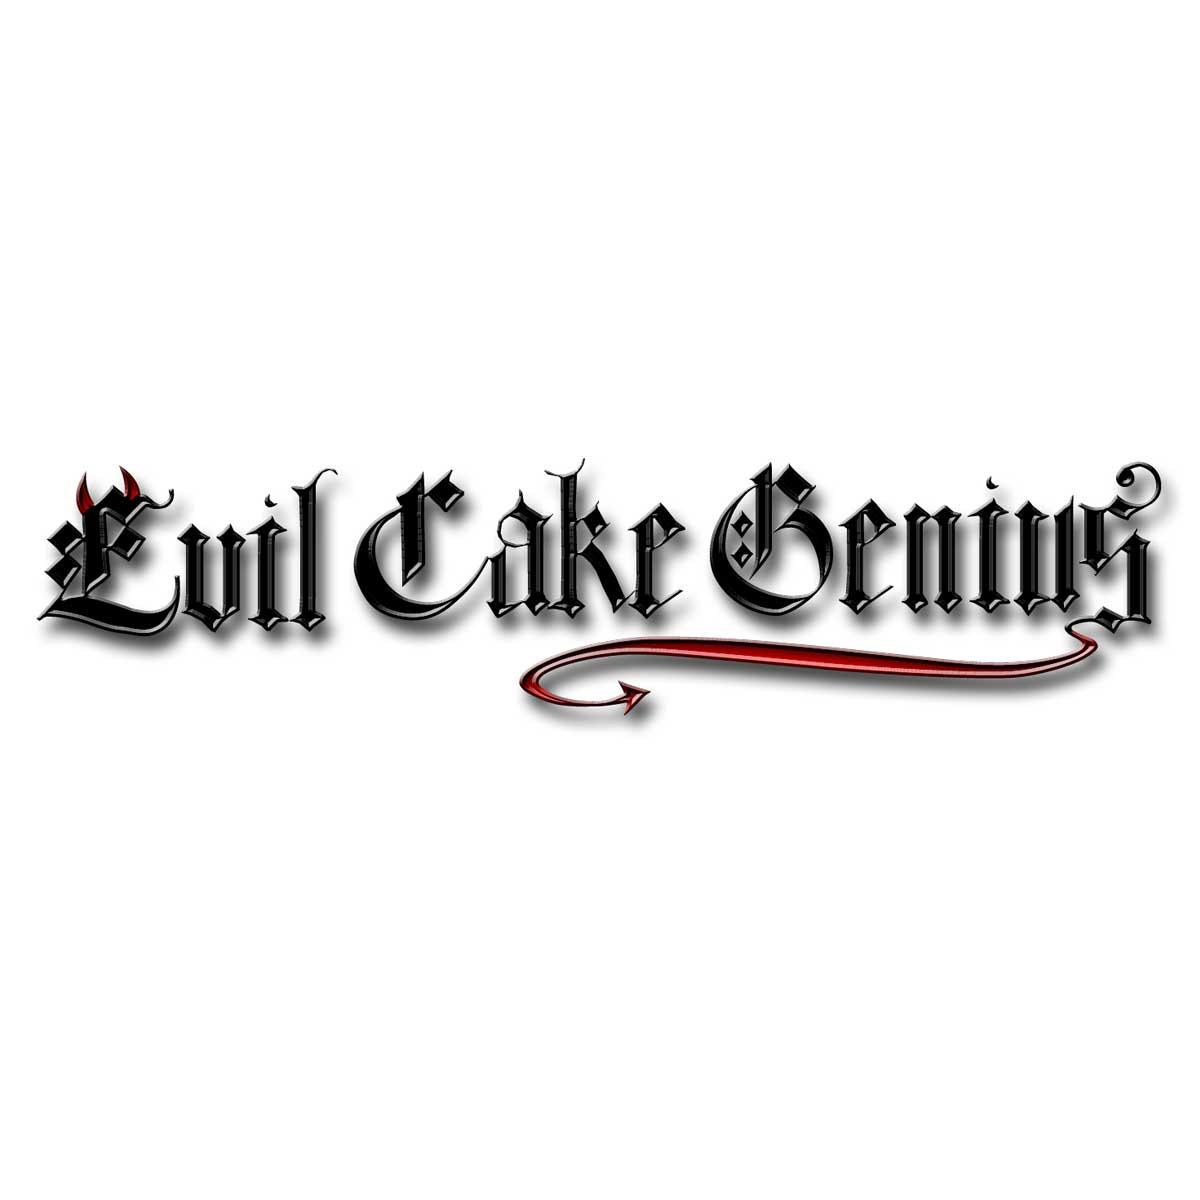 Cake Flakes Bridal Shine